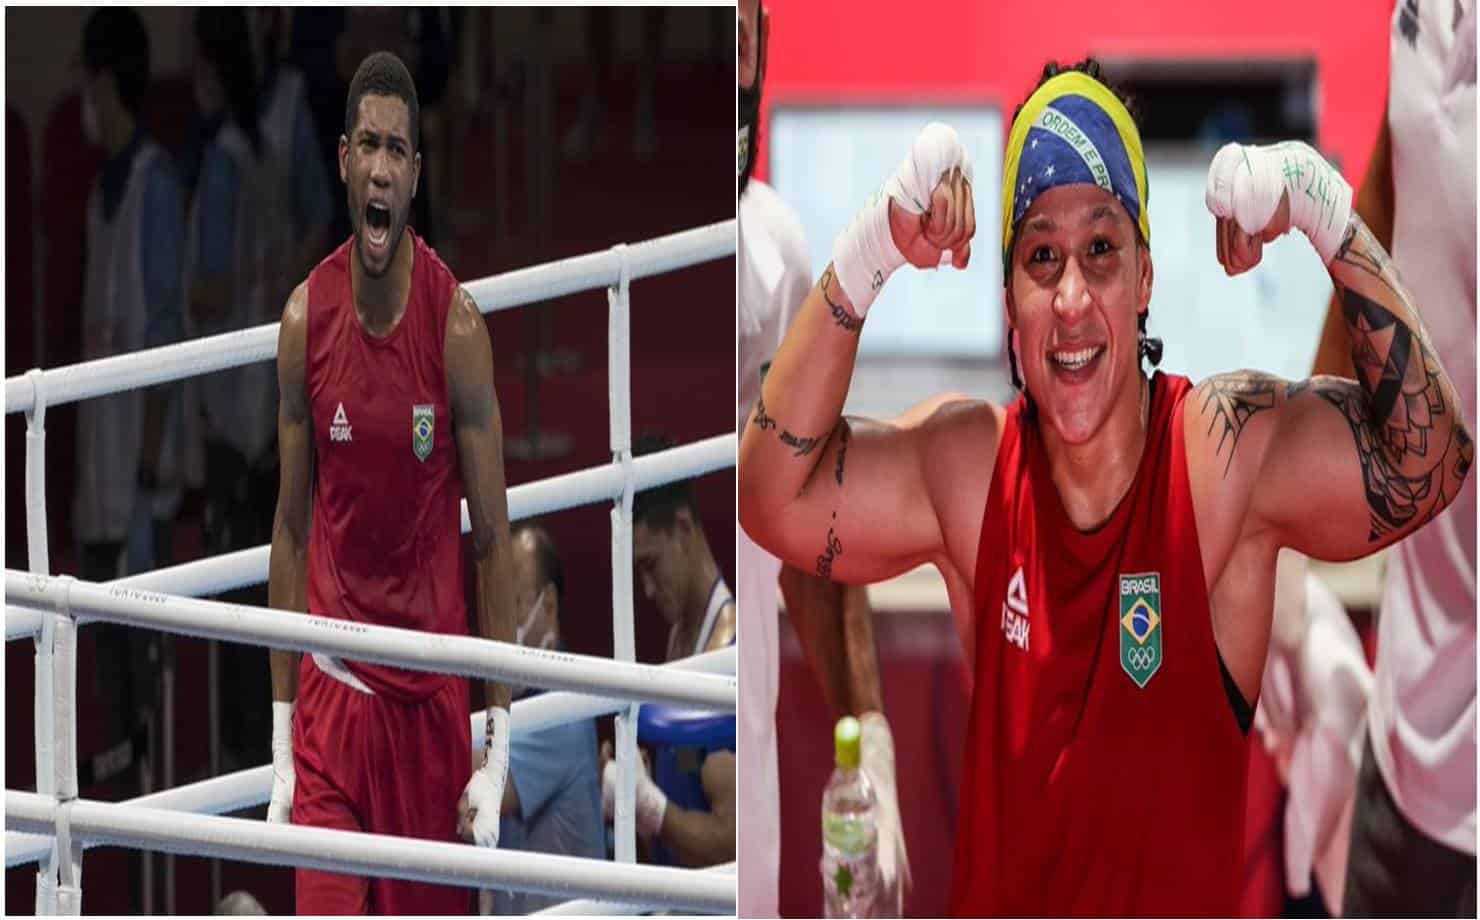 Olimpíadas: boxeadores baianos vão lutar pelo ouro no boxe